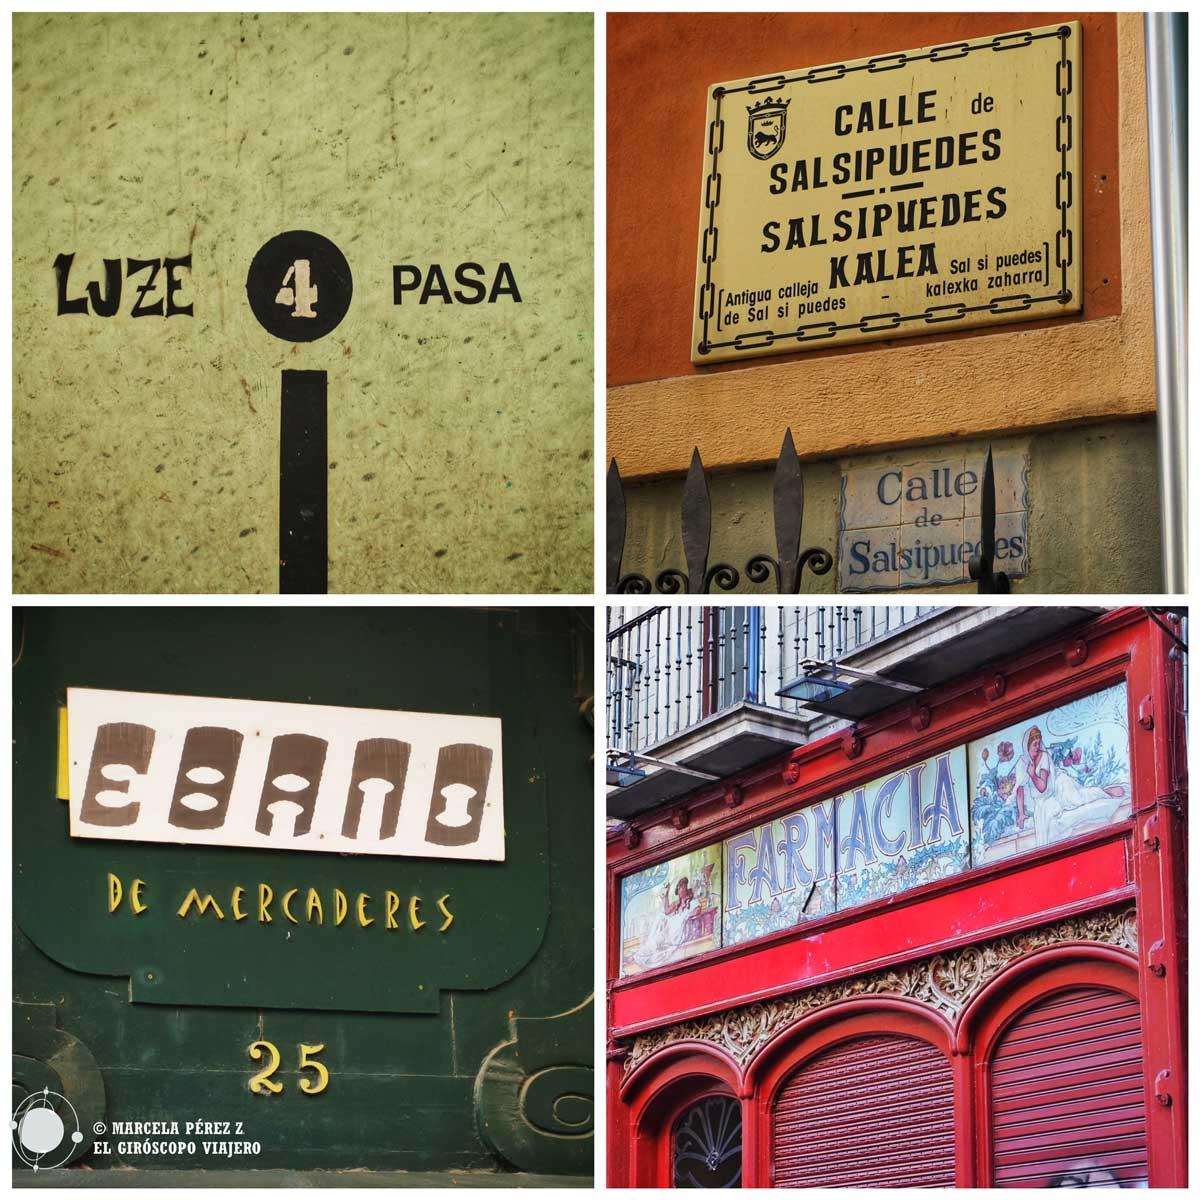 Descubriendo la Pamplona menos conocida